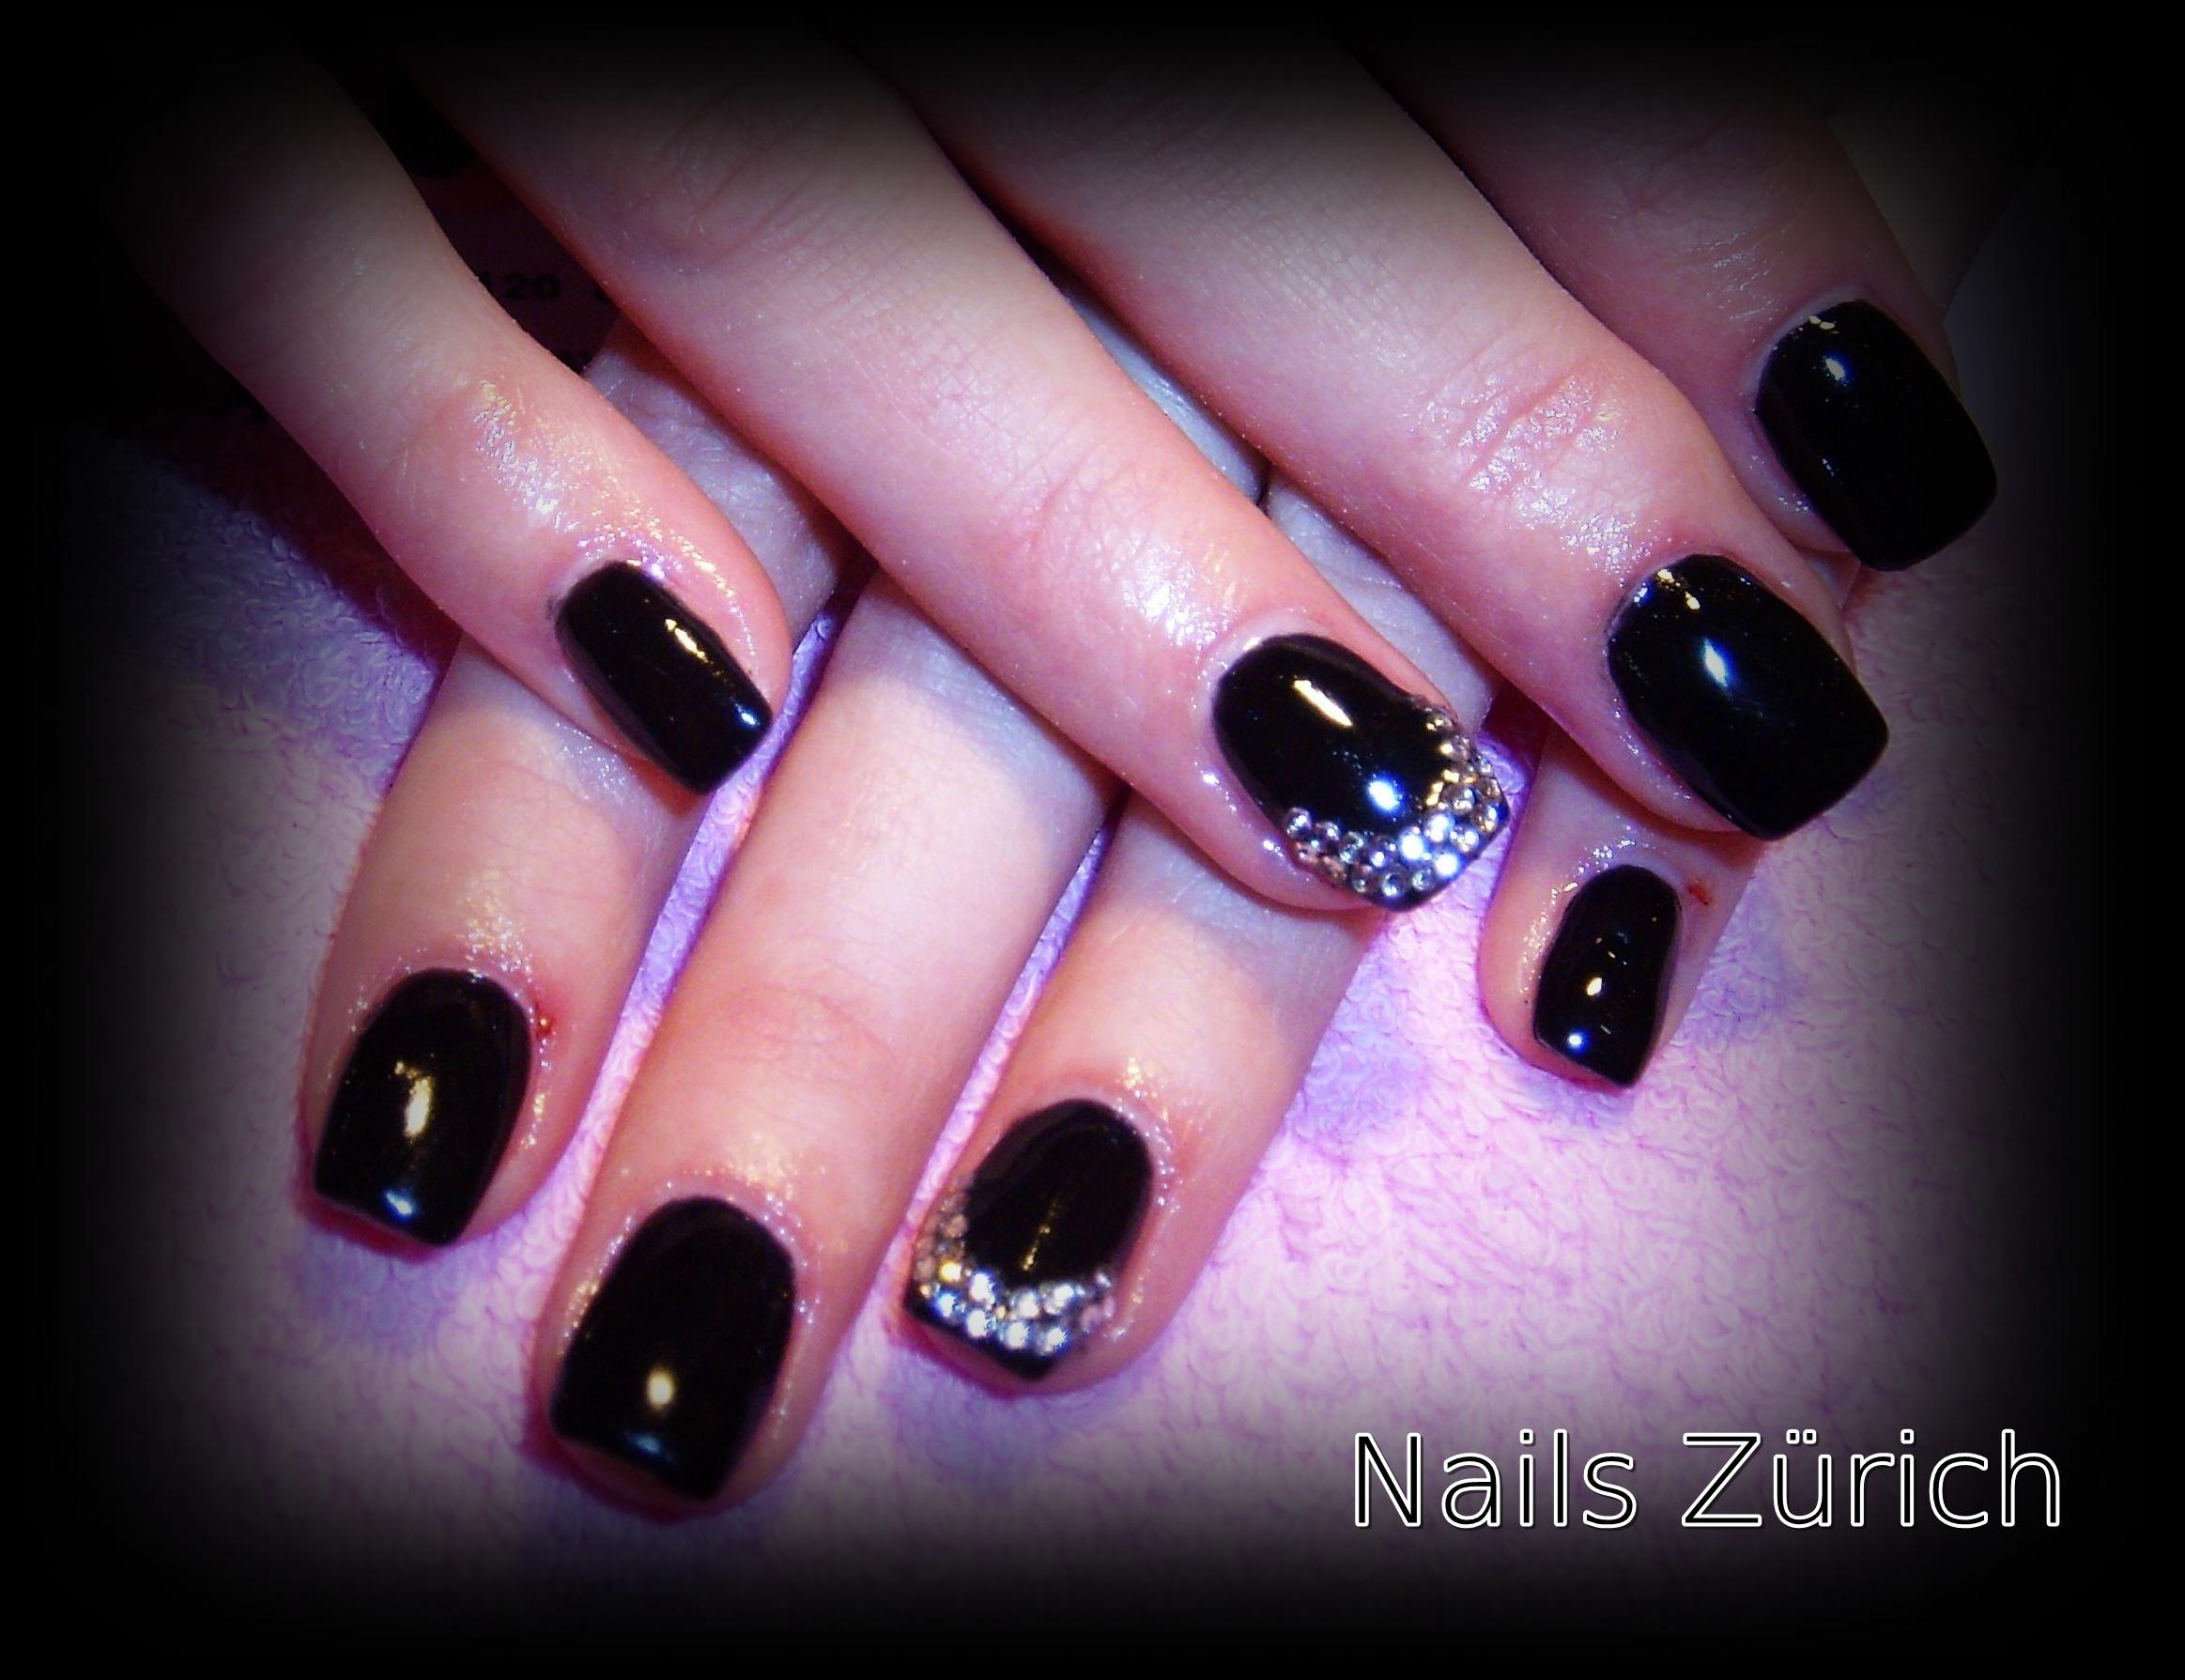 Fekete nails Zürich